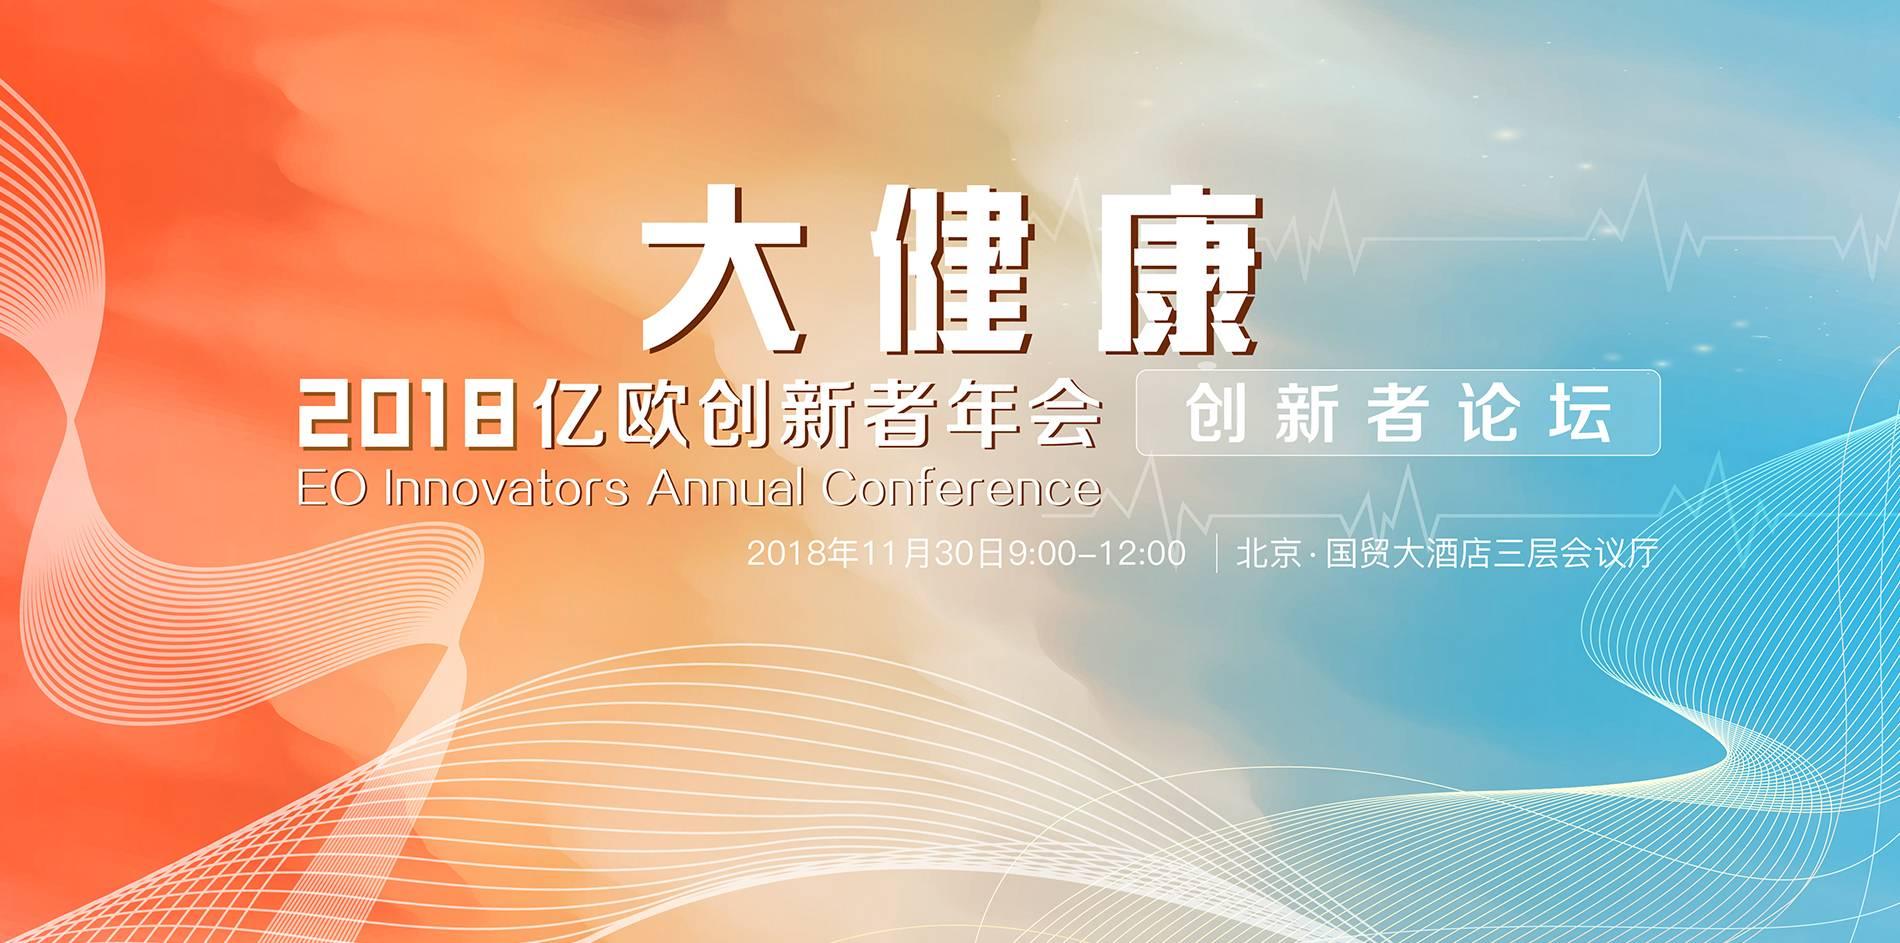 【活动】大健康创新者论坛-亿欧